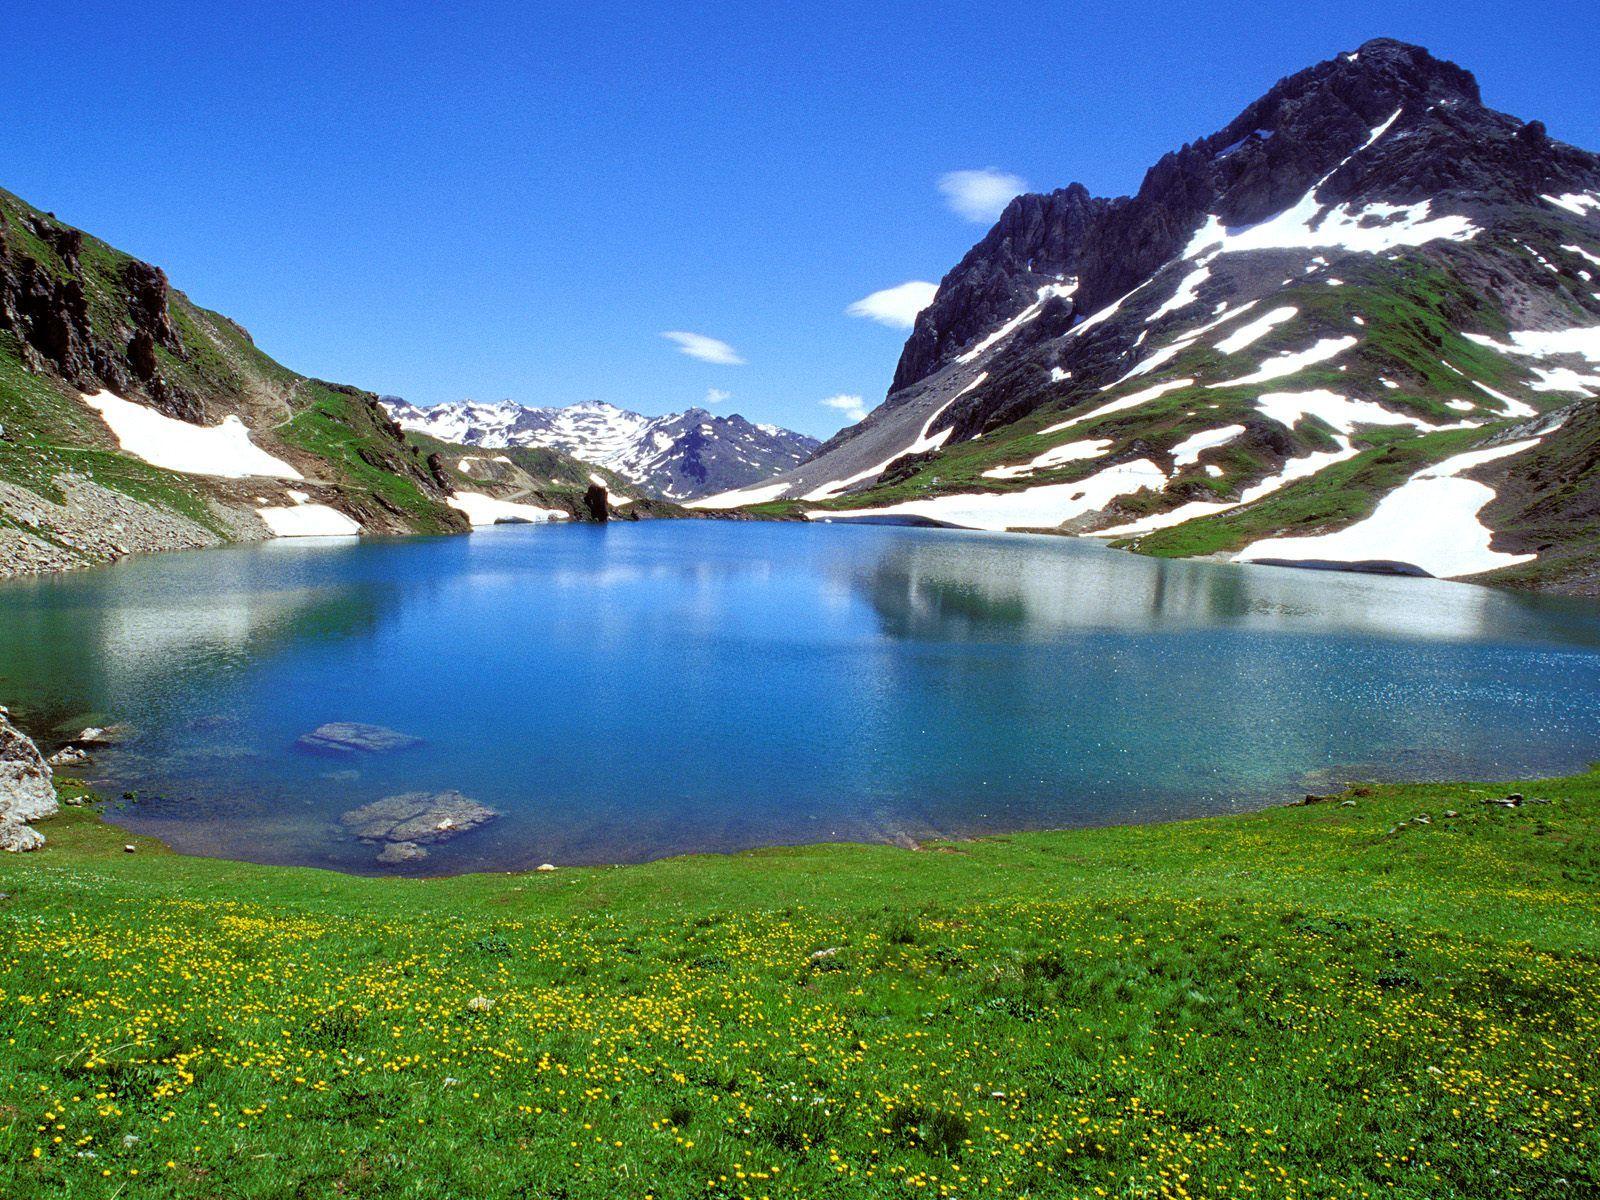 Vacances en famille Alpes